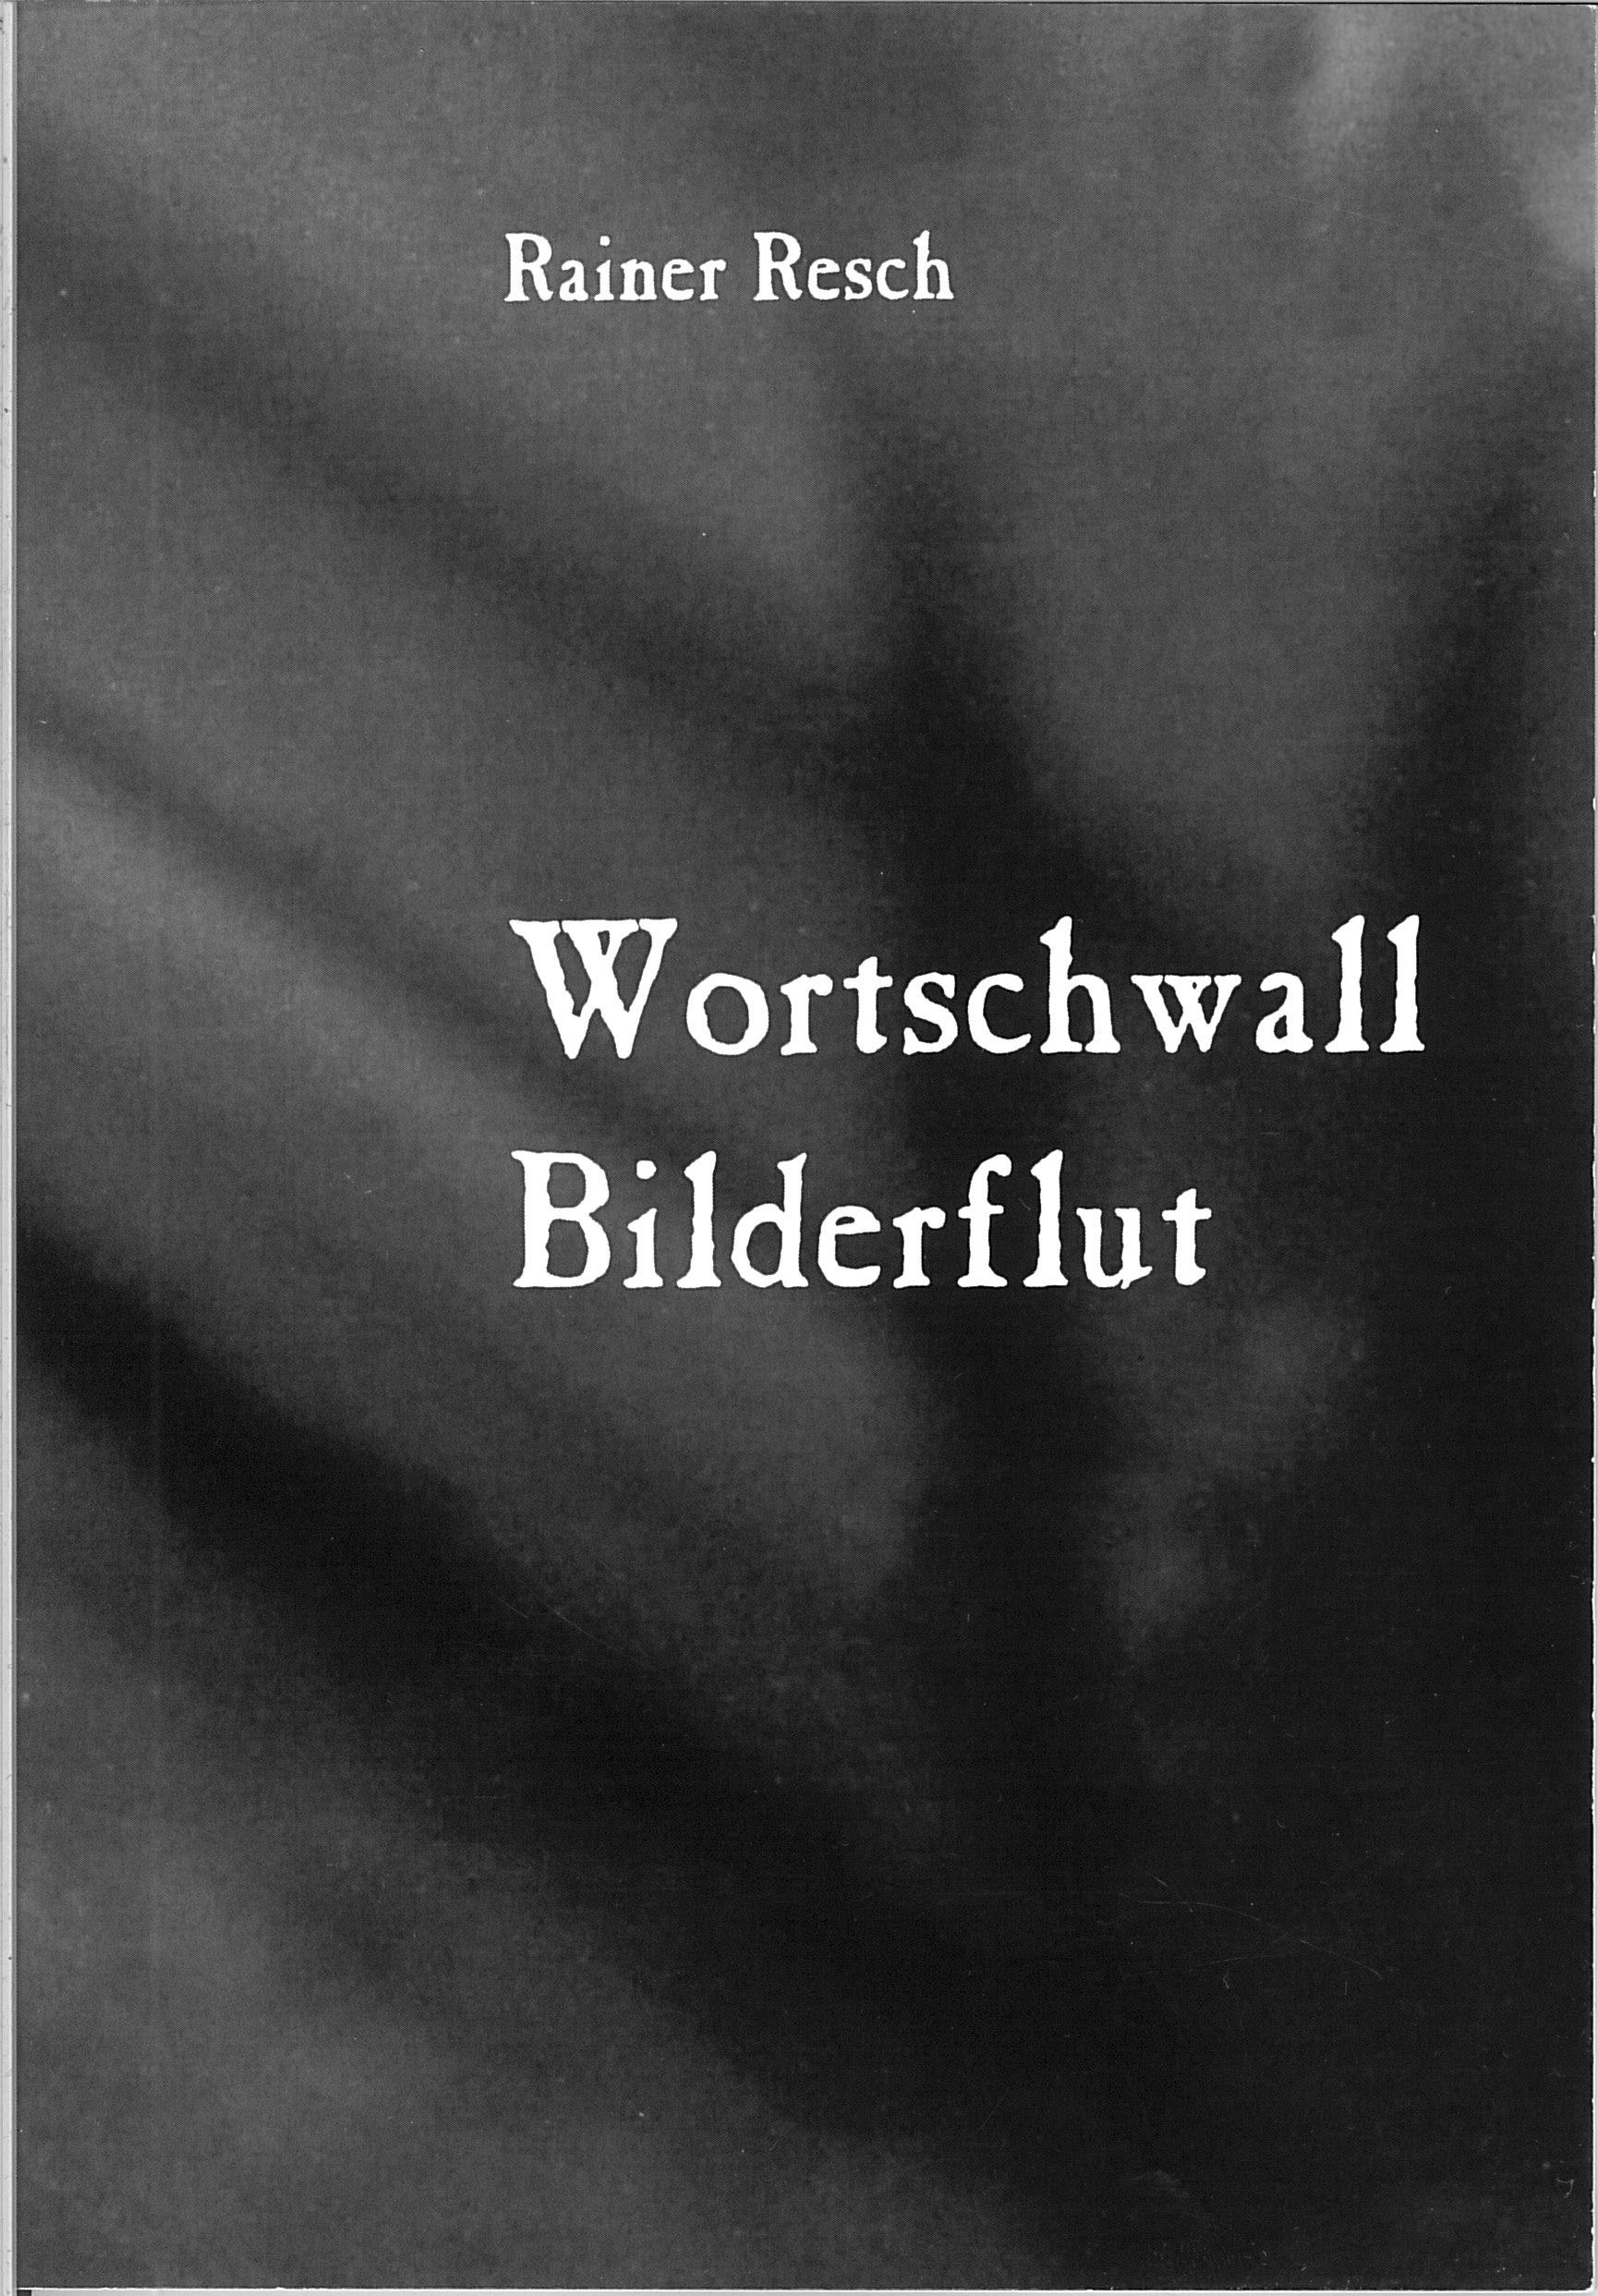 Wortschwall